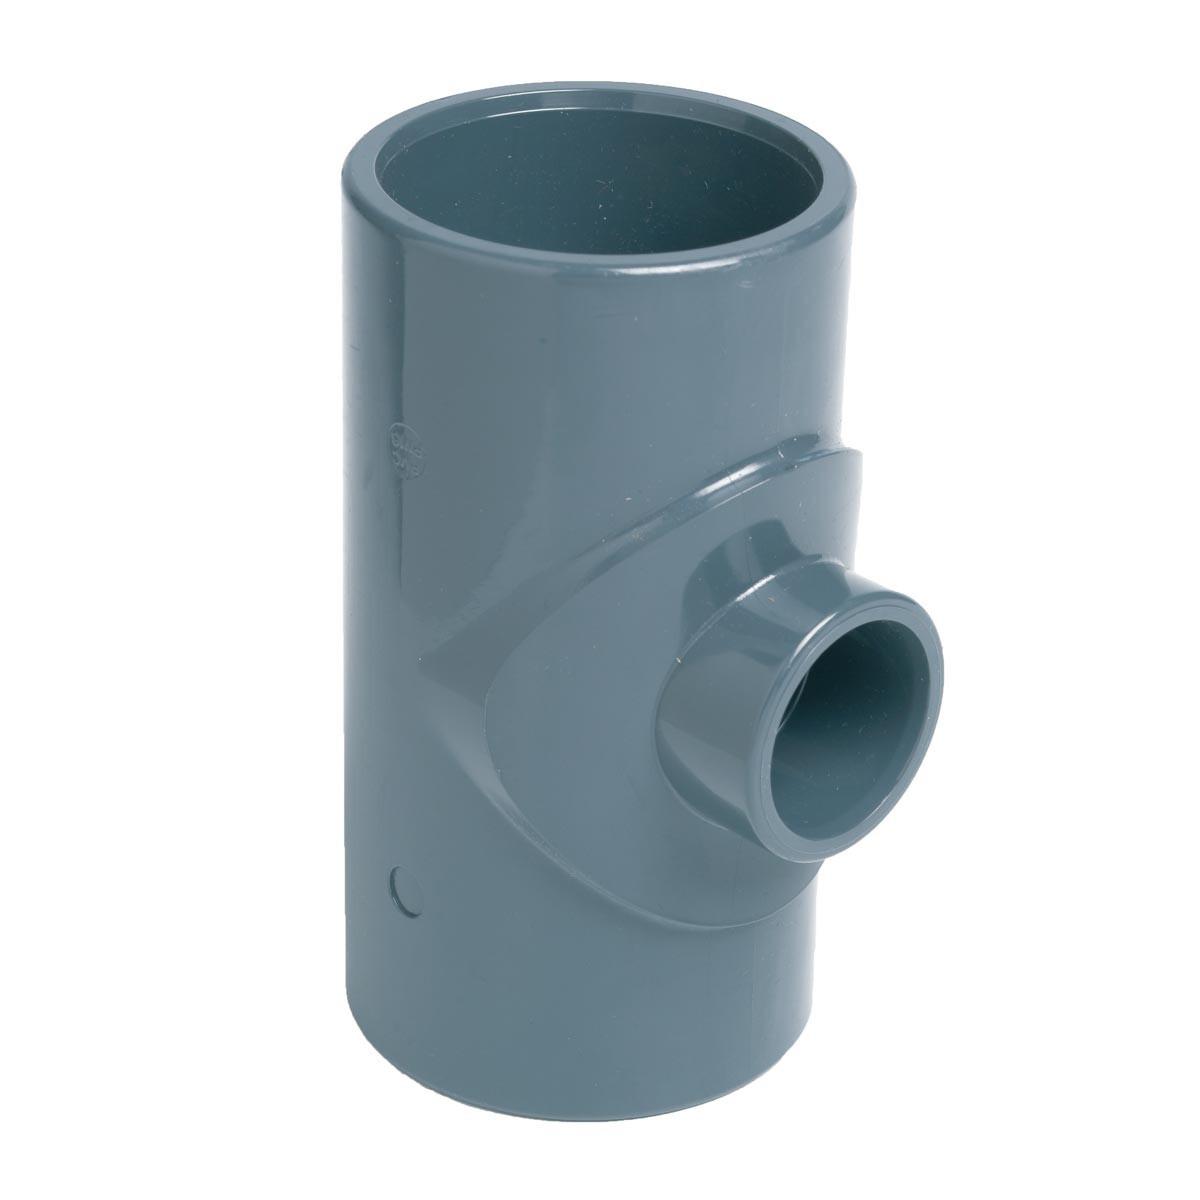 Тройник клеевой 90° редукционный EFFAST d110x90 мм (RDRTRD110I)